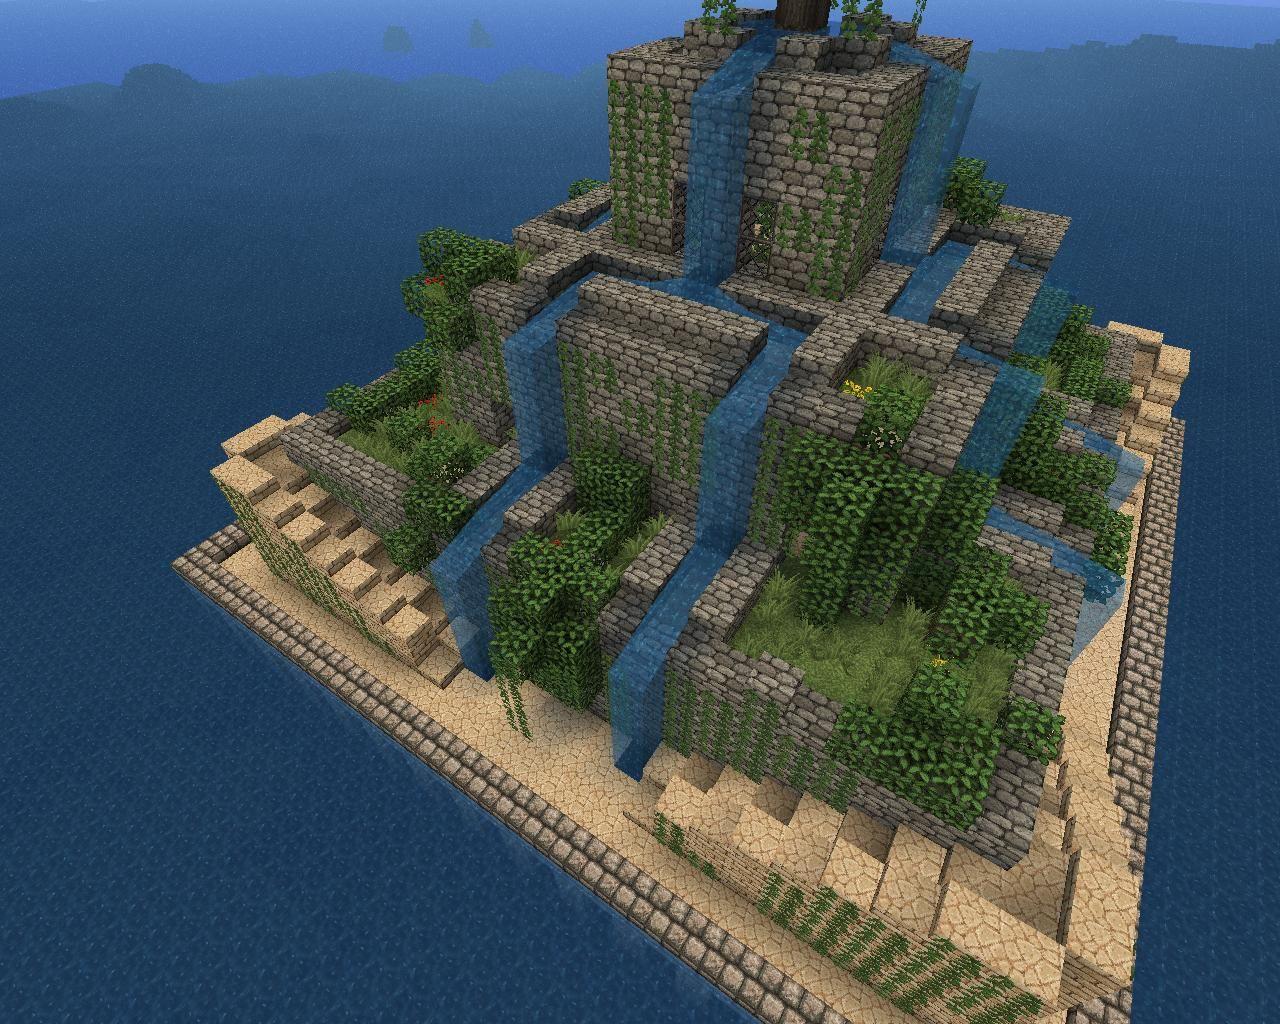 Hangenden Garten Von Babylon Minecraft Ein Kurzer Uberblick Uber Minecraft Ideen Ideen